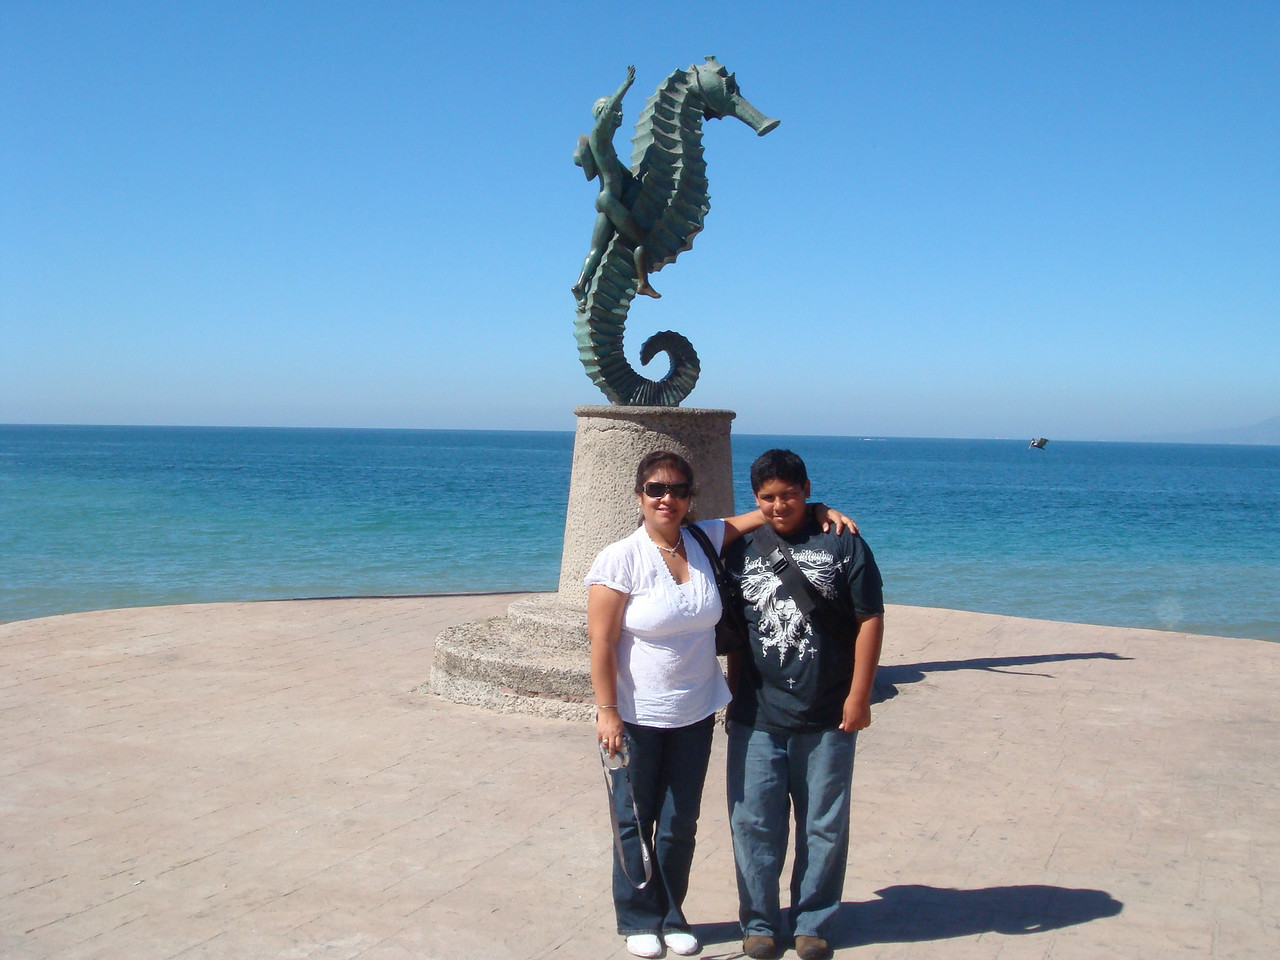 Mom and son posing in front of the sculpture that characterizes Puerto Vallarta.<br /> <br /> La mama y el hijo, en frente de la escultura que caracteriza la ciudad de Puerto Vallarta.